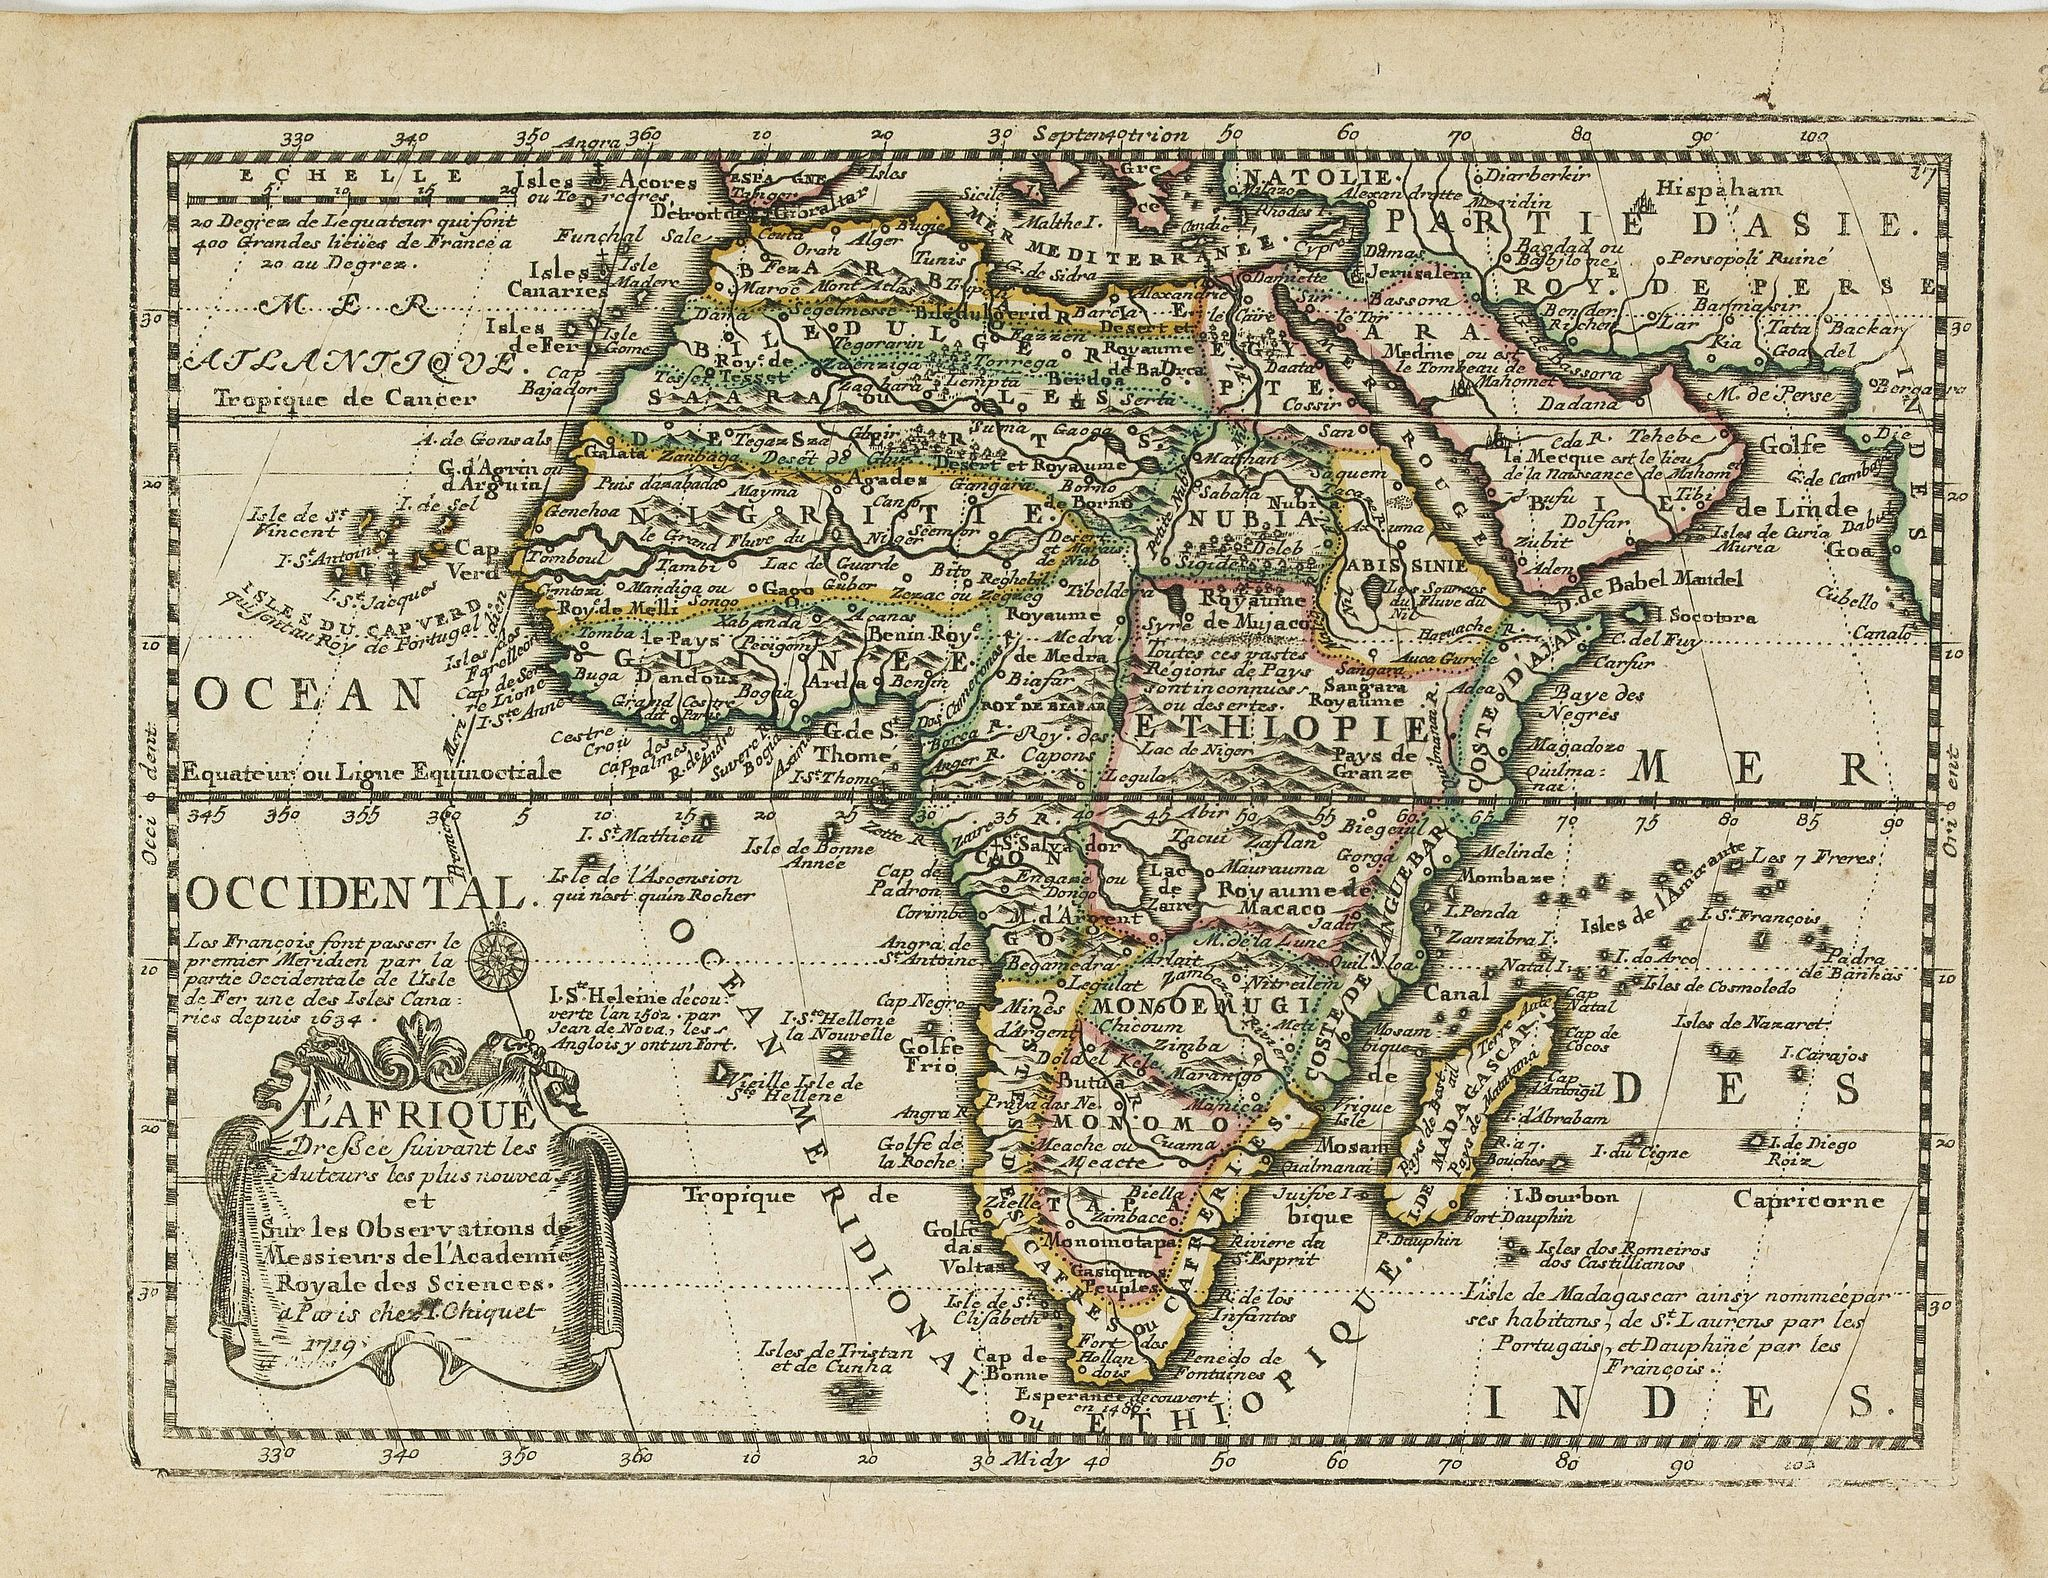 CHIQUET, J. -  L' Afrique Dressee suivant les Auteurs les plus nouvea. . .